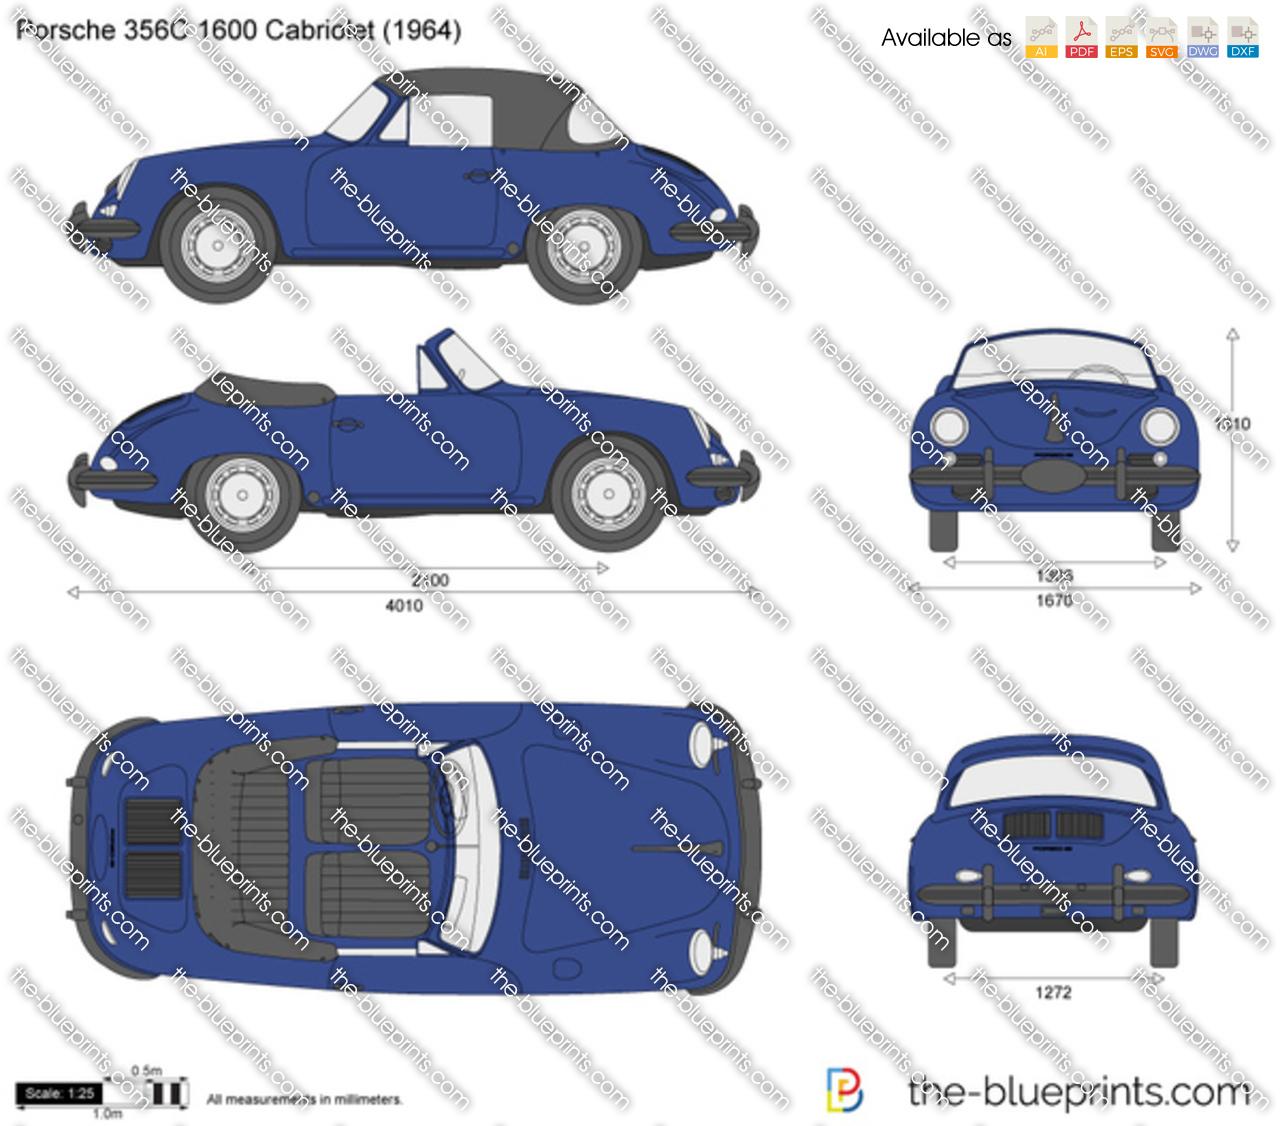 Porsche 356C 1600 Cabriolet 1965